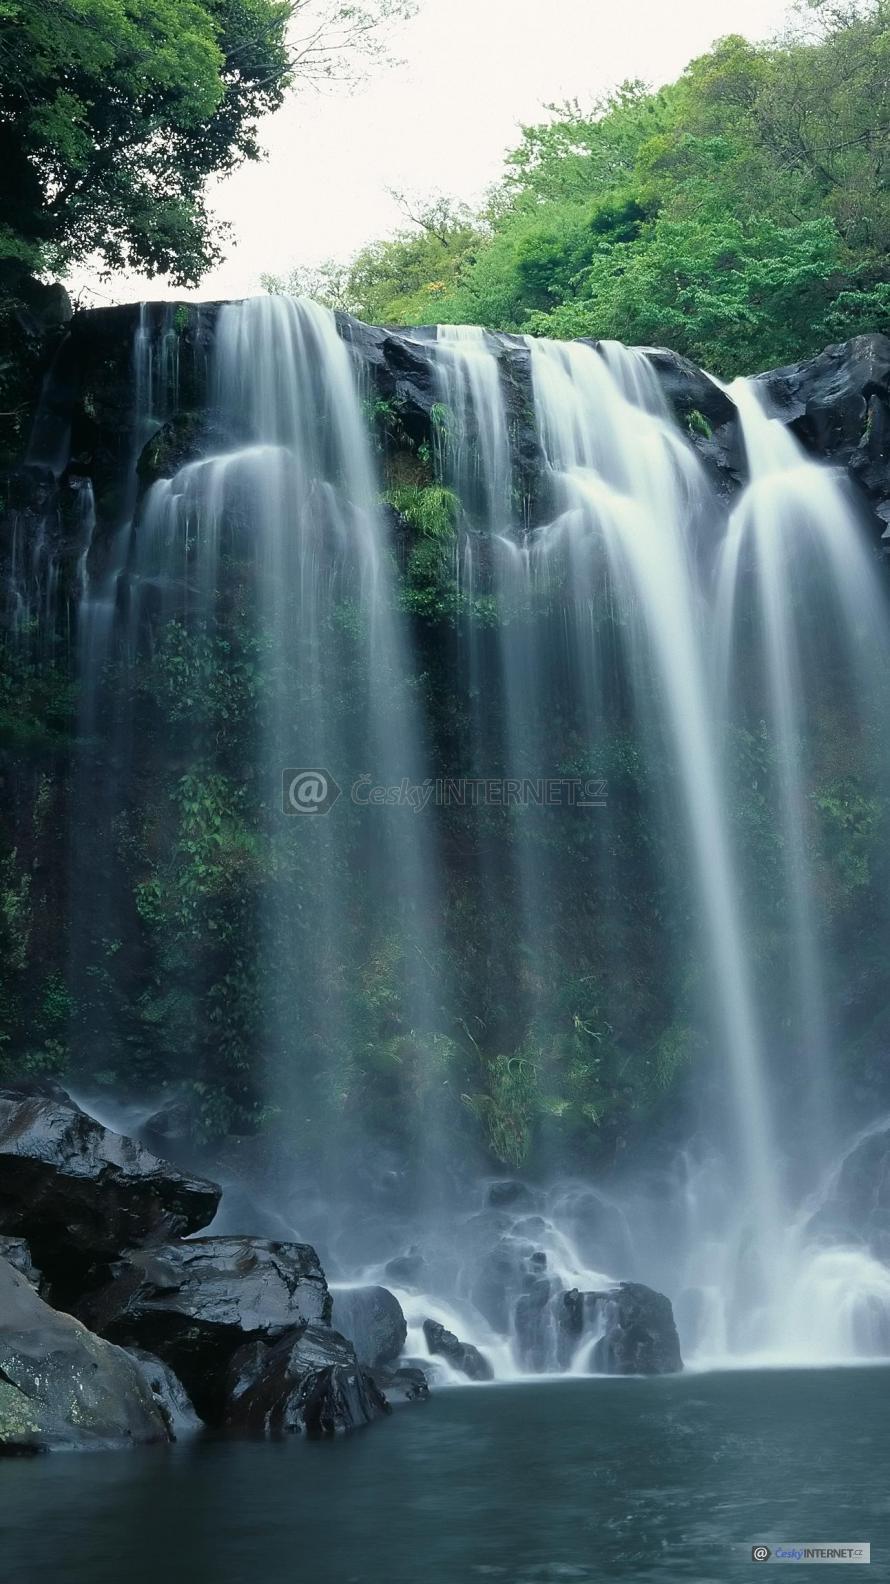 Potok s vodopády uprostřed přírody - detail.